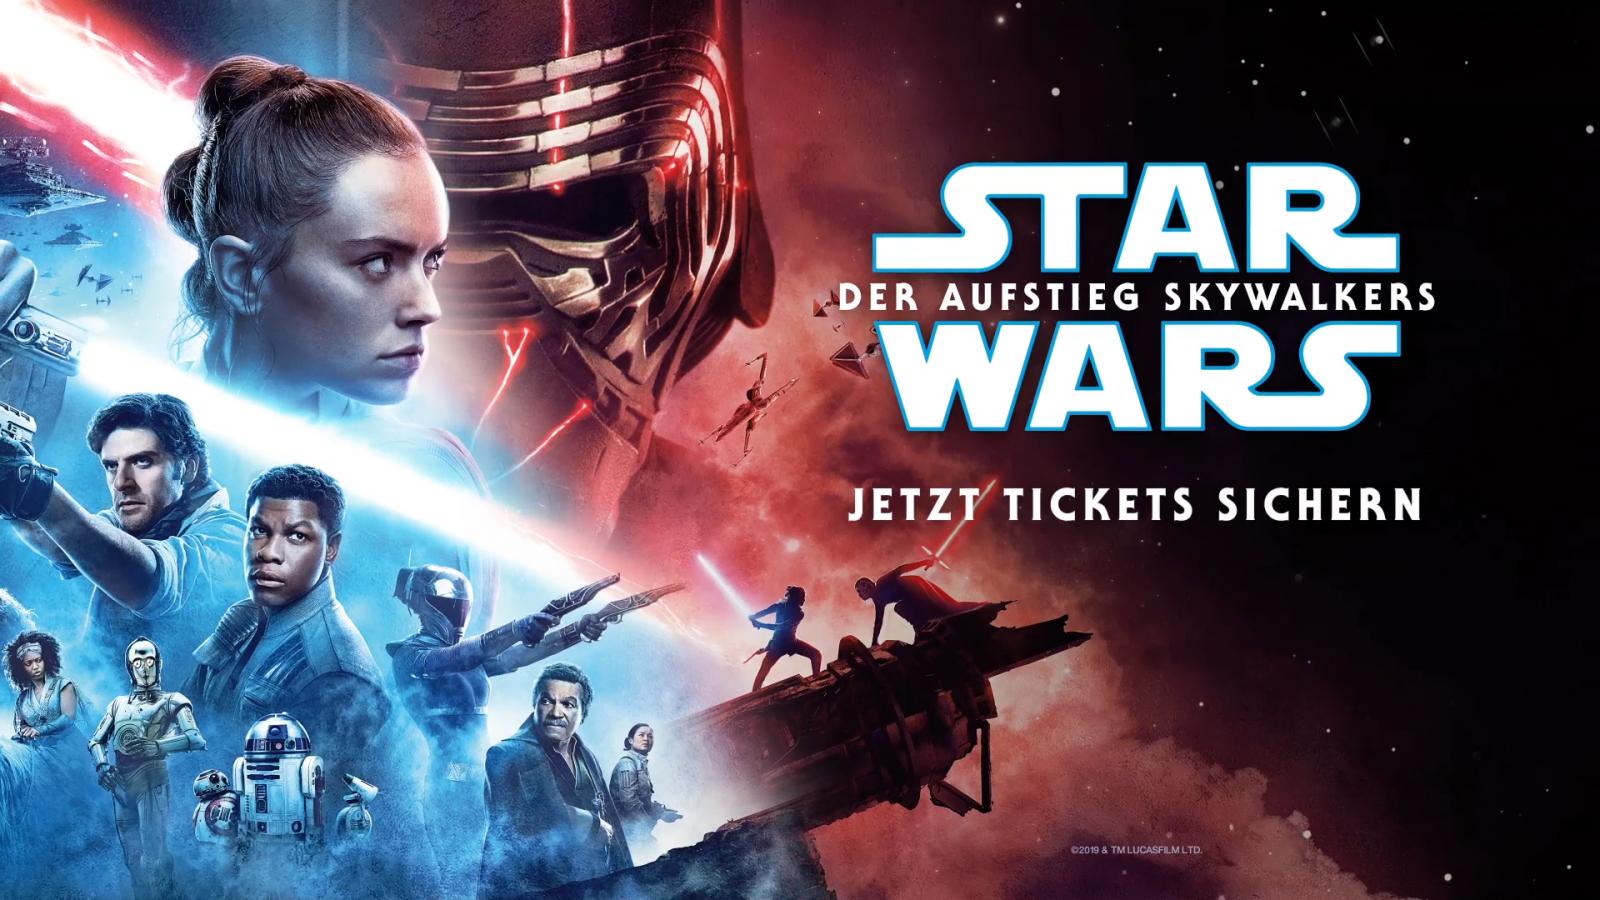 Star Wars: Der Aufstieg Skywalkers - Der Vorverkauf läuft!